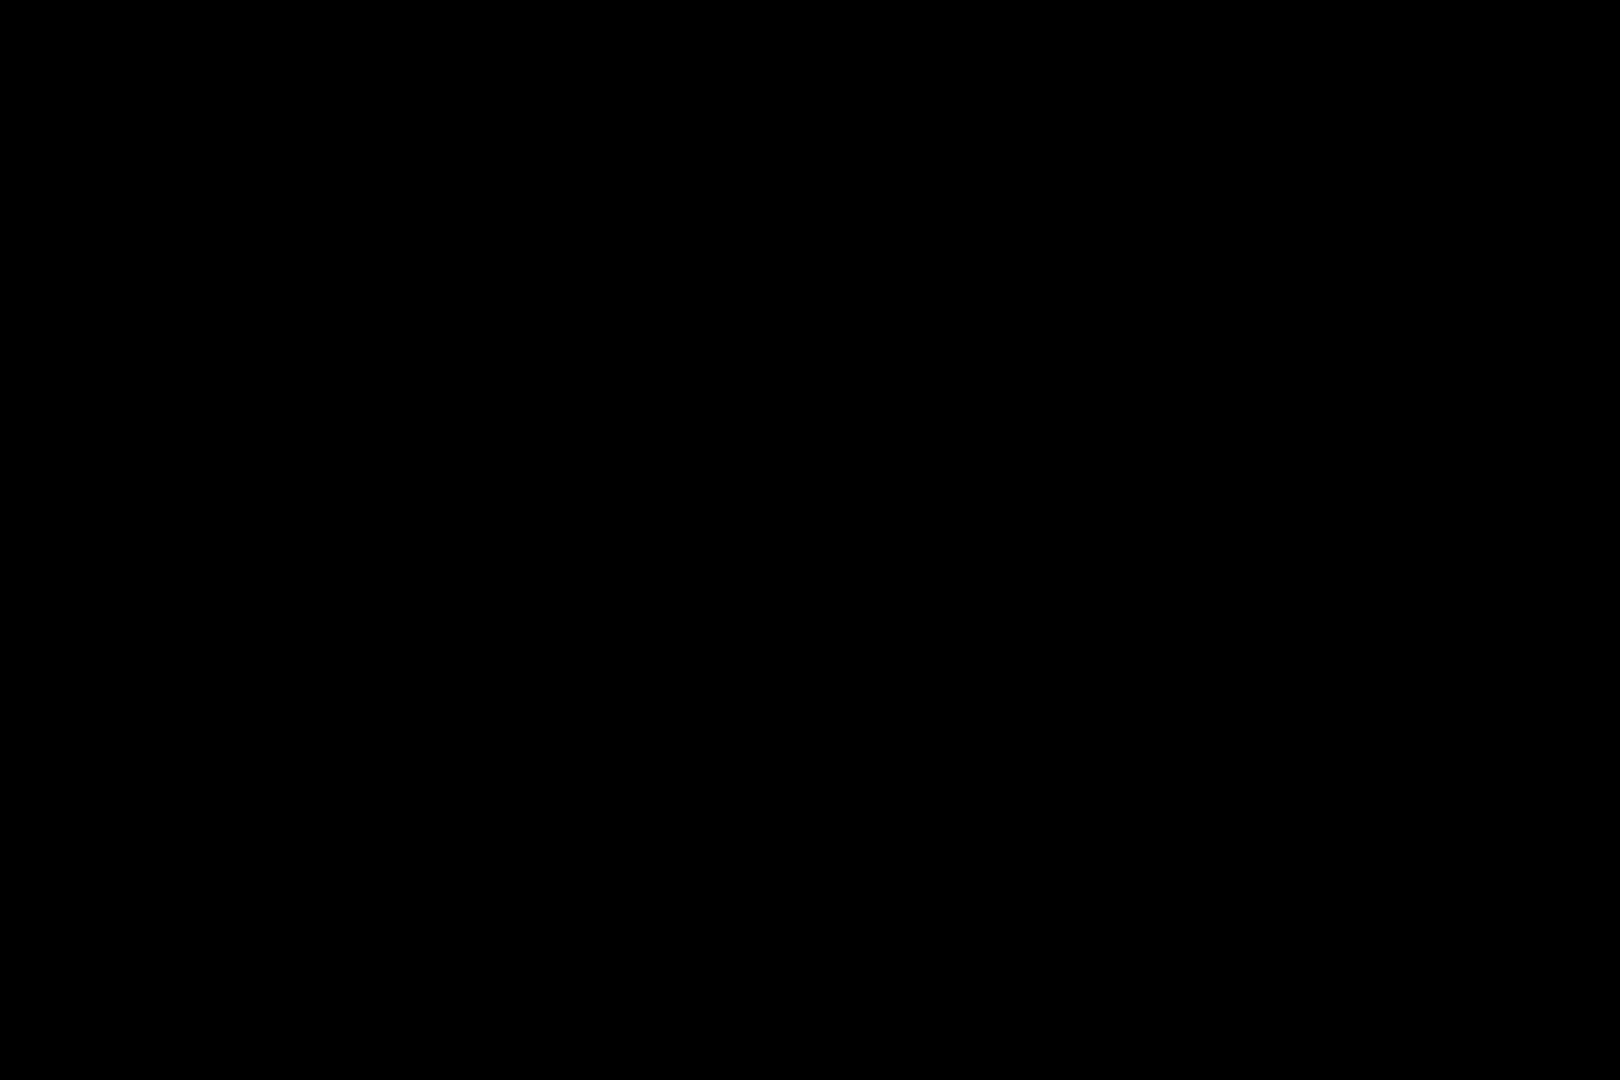 充血監督の深夜の運動会Vol.124 独身エッチOL | 生セックス  87pic 80